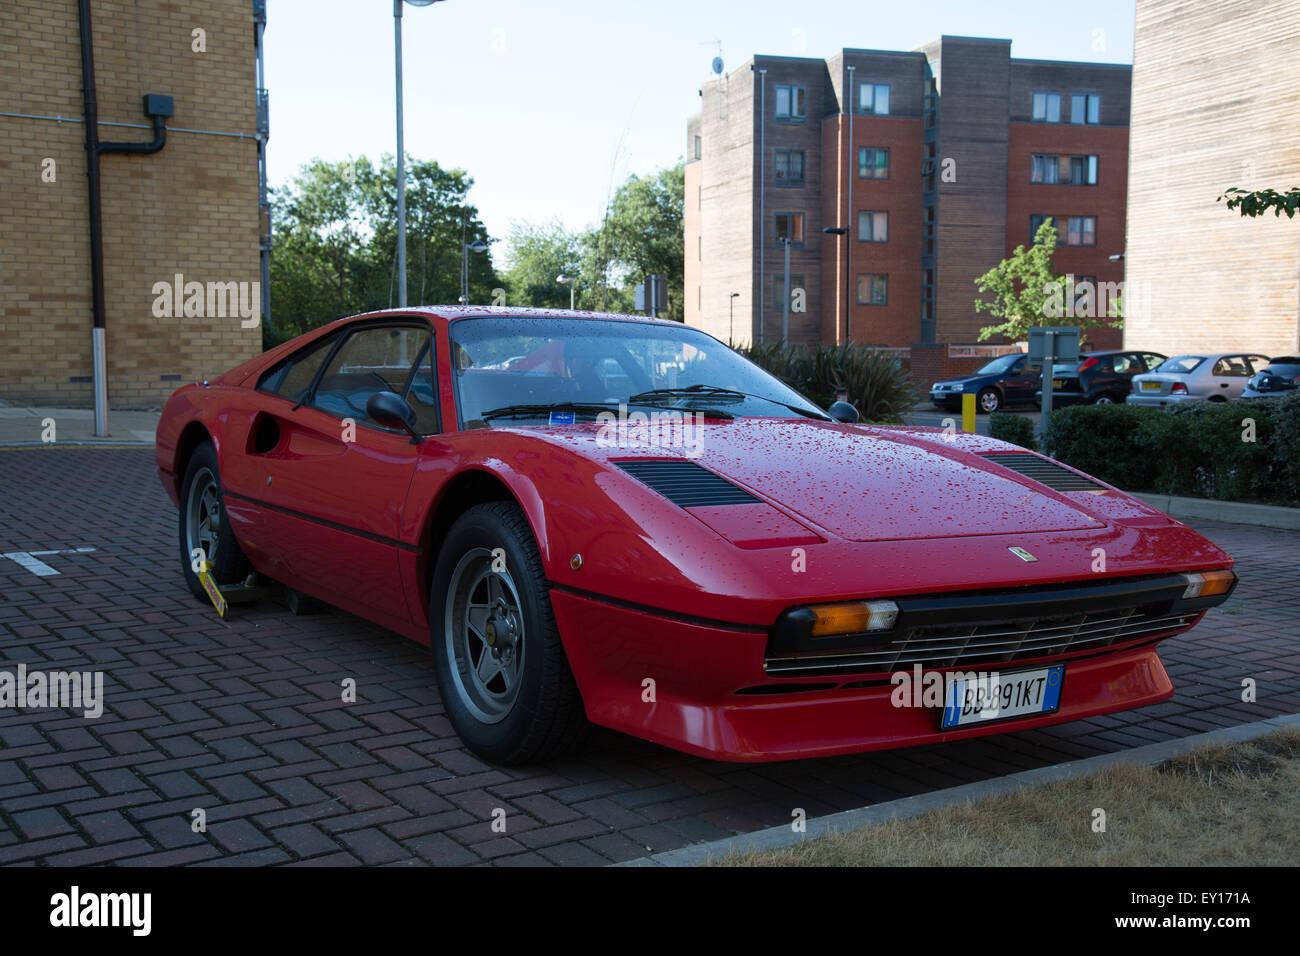 Classic car Ferrari 308 GTS - Stock Image